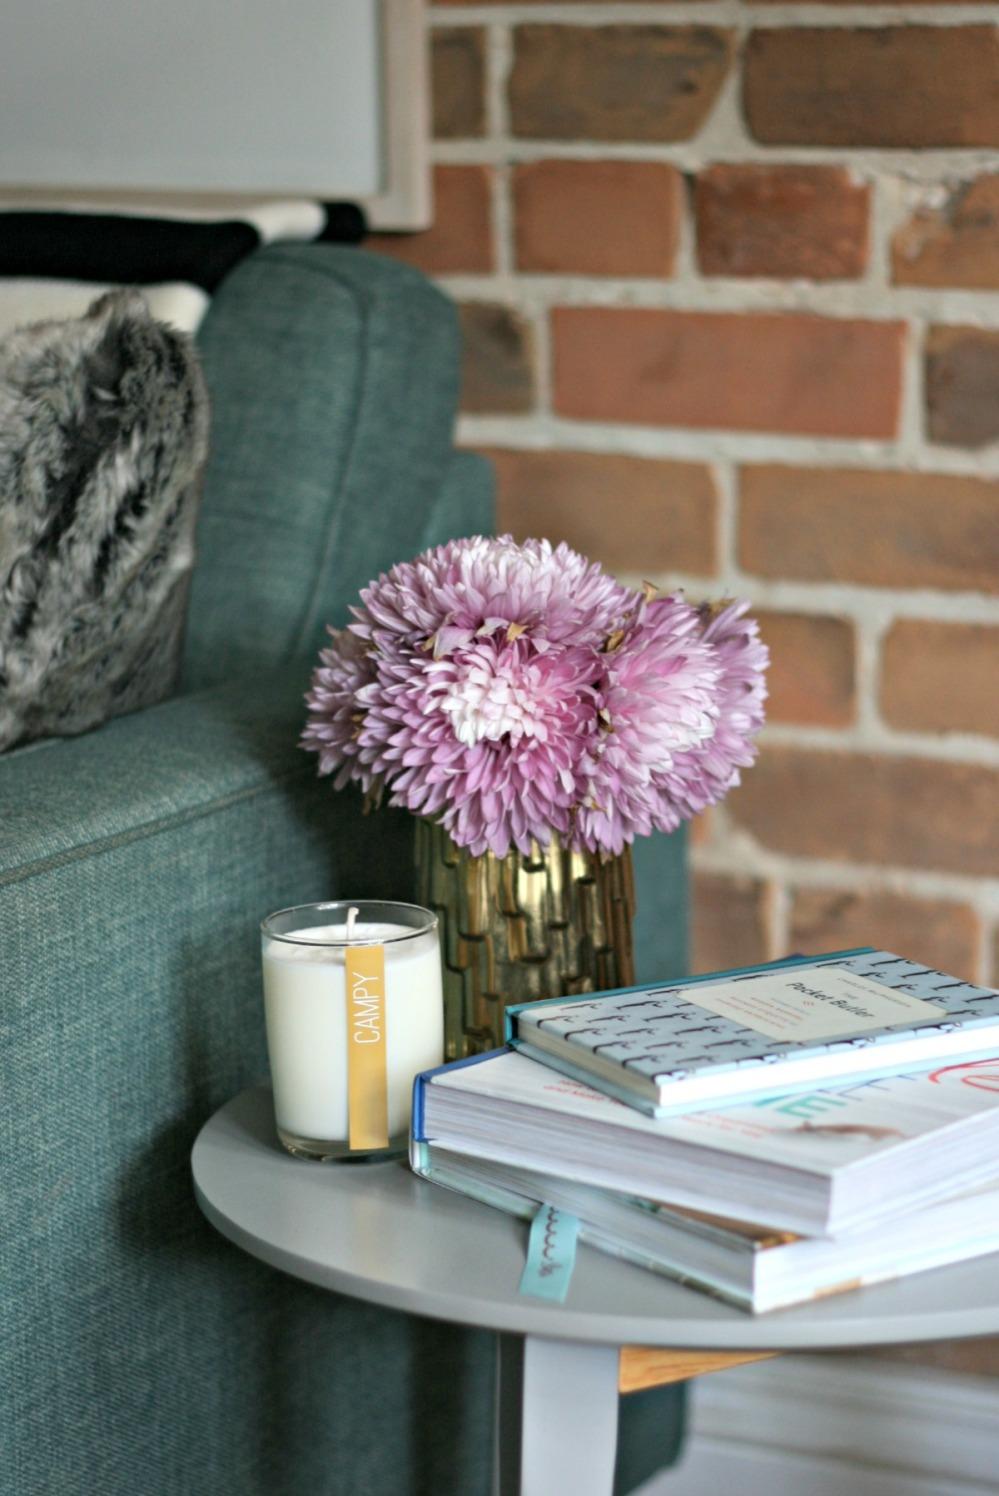 gw flowers side table